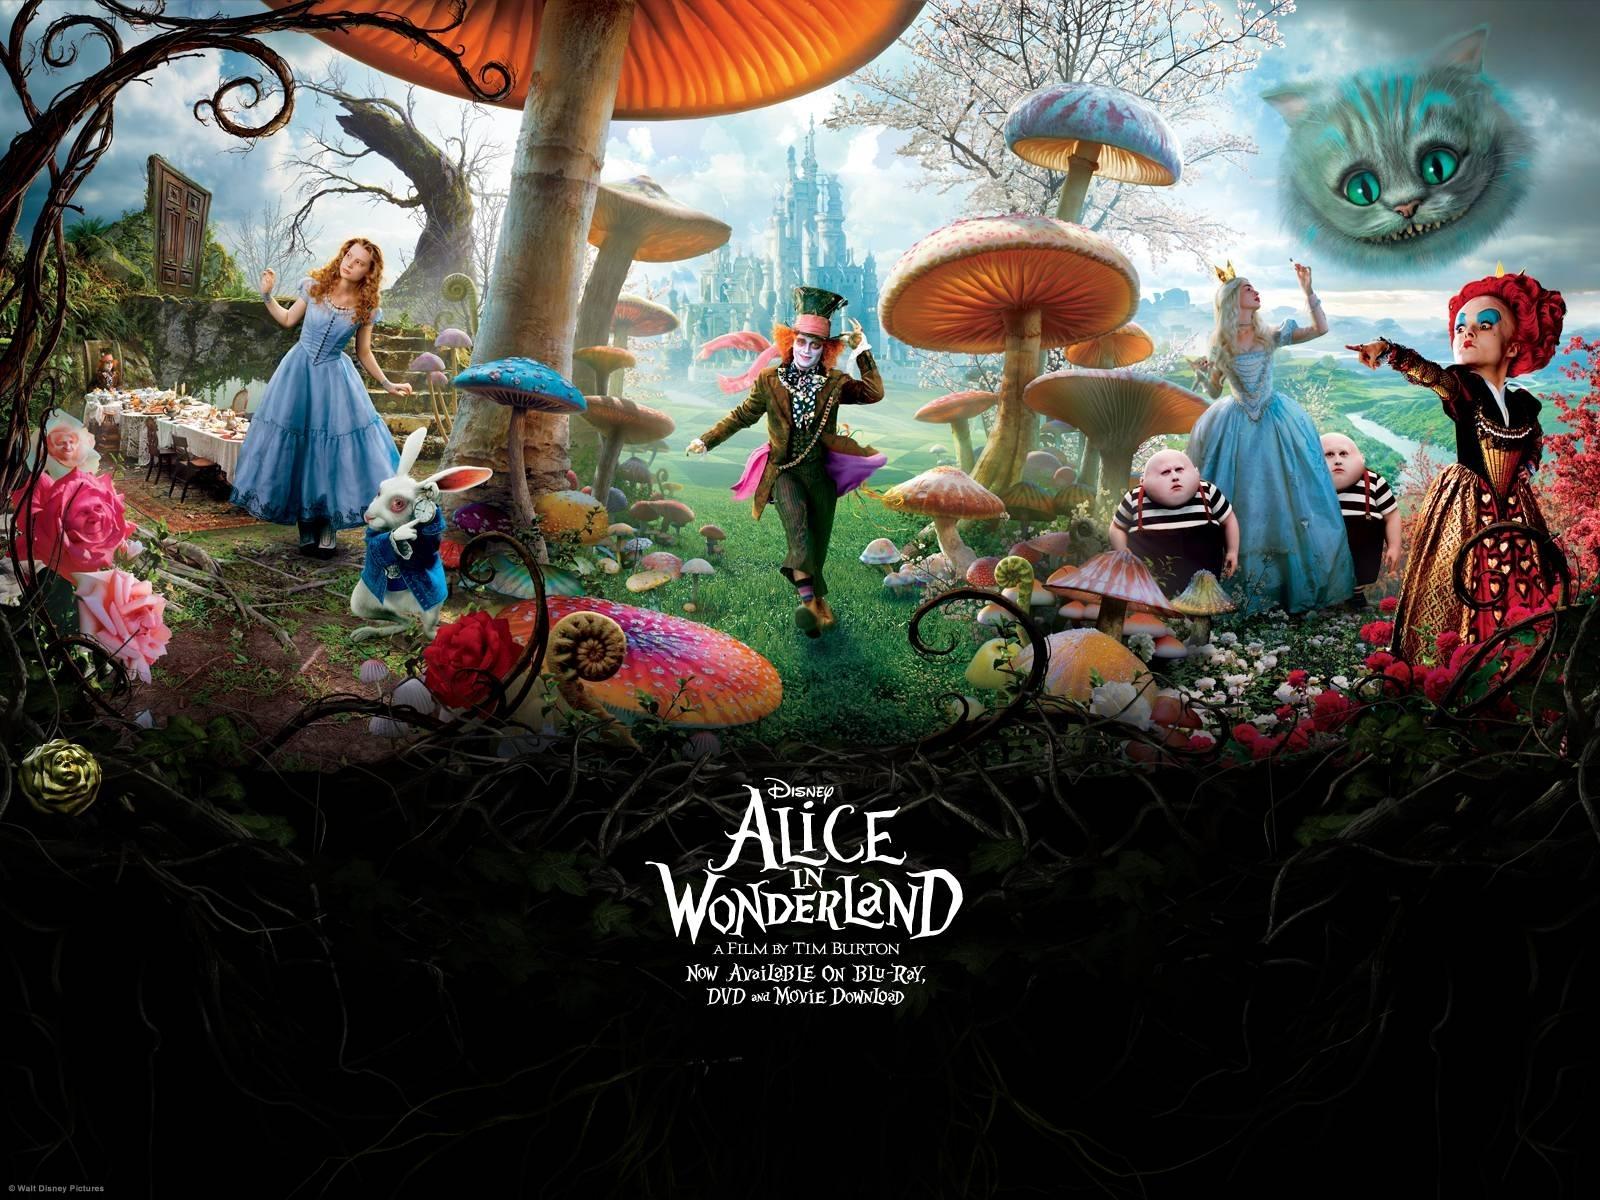 alice in wonderland wallpapers - wallpaper cave